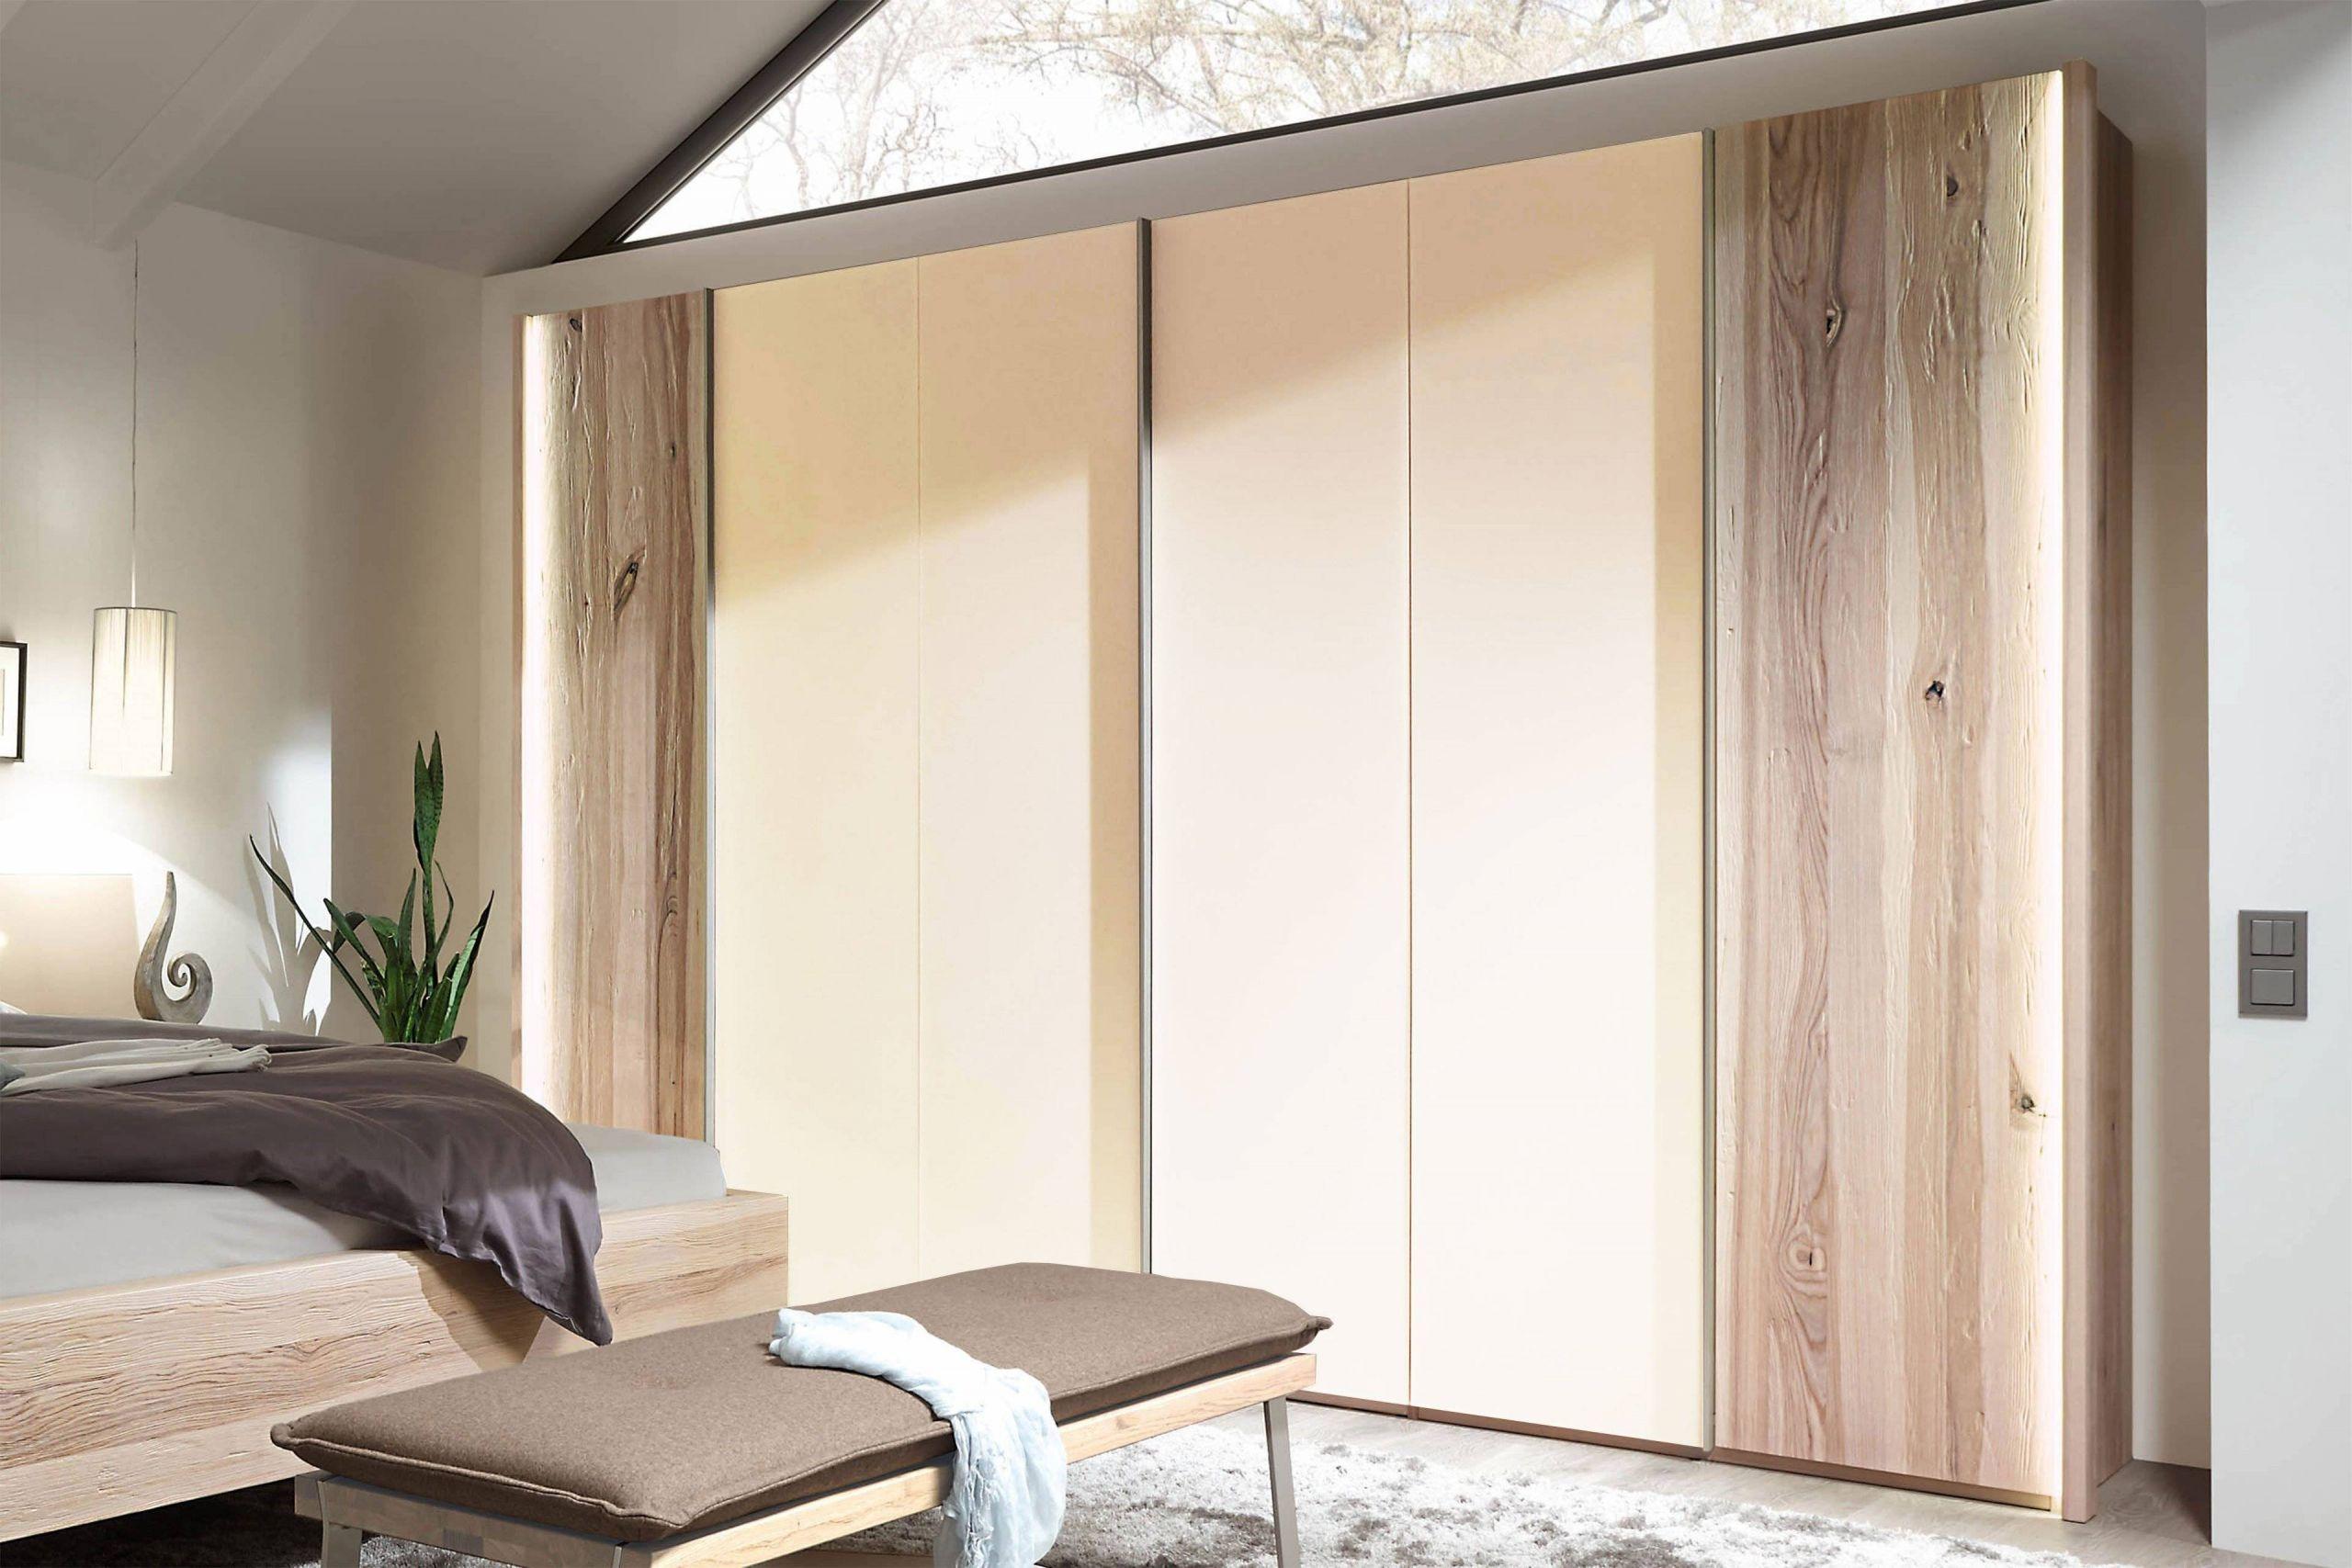 wohnzimmer regal mit turen inspirational kleiderschrank ordnungssystem of wohnzimmer regal mit turen